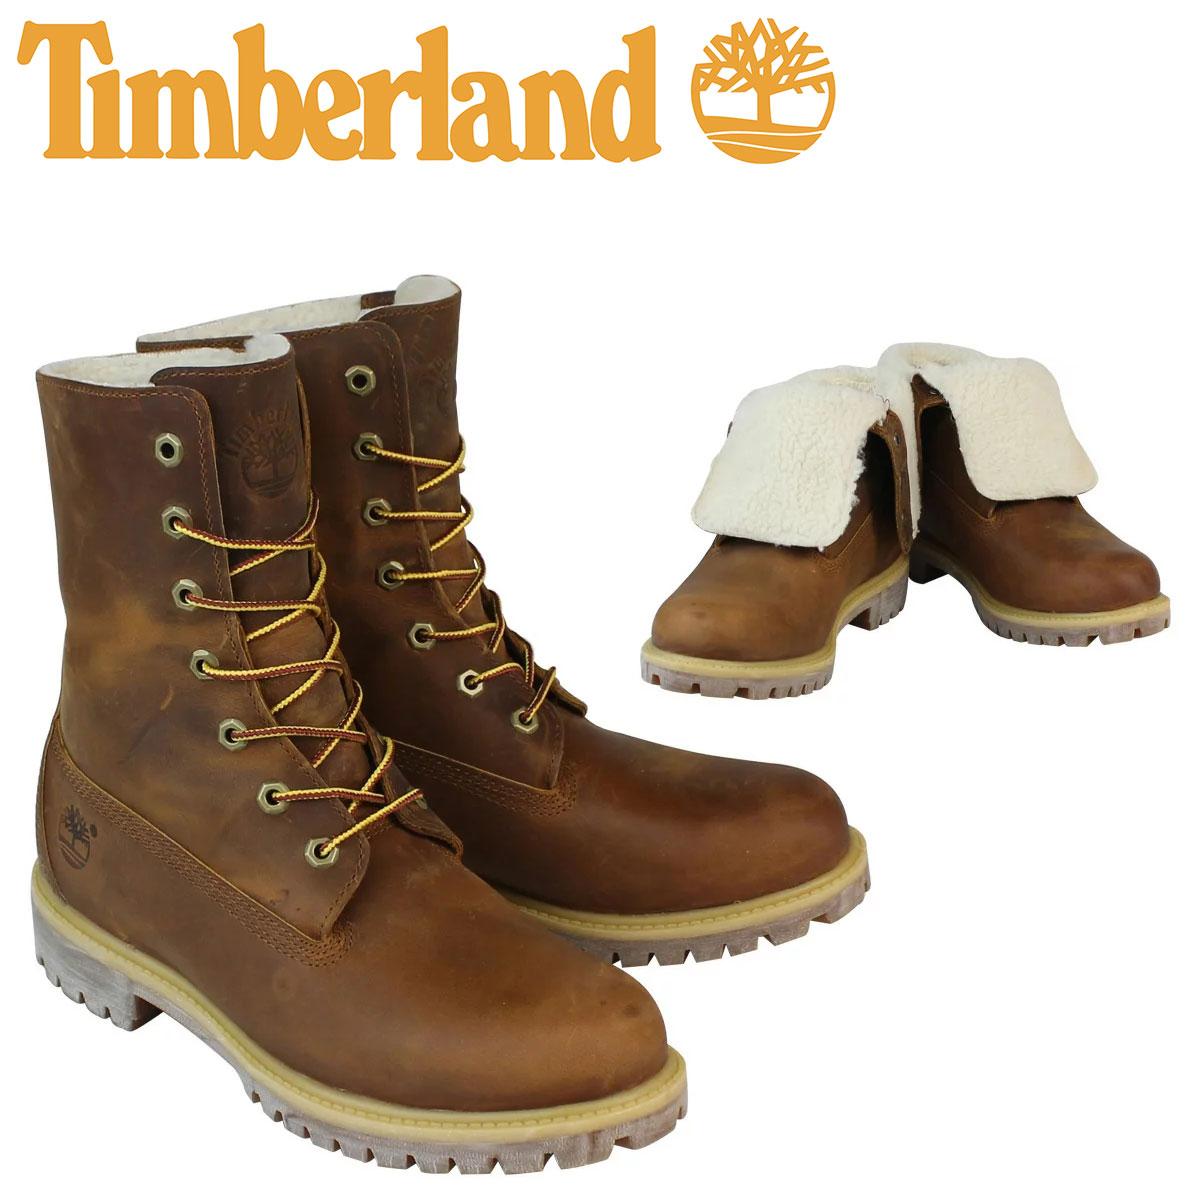 【最大2000円OFFクーポン】 ティンバーランド ブーツ メンズ Timberland HERITAGE FOLD-DOWN WARM FLEECE LINED BOOT ヘリテージ フォルドダウン フリース ライン A118Y ブラウン